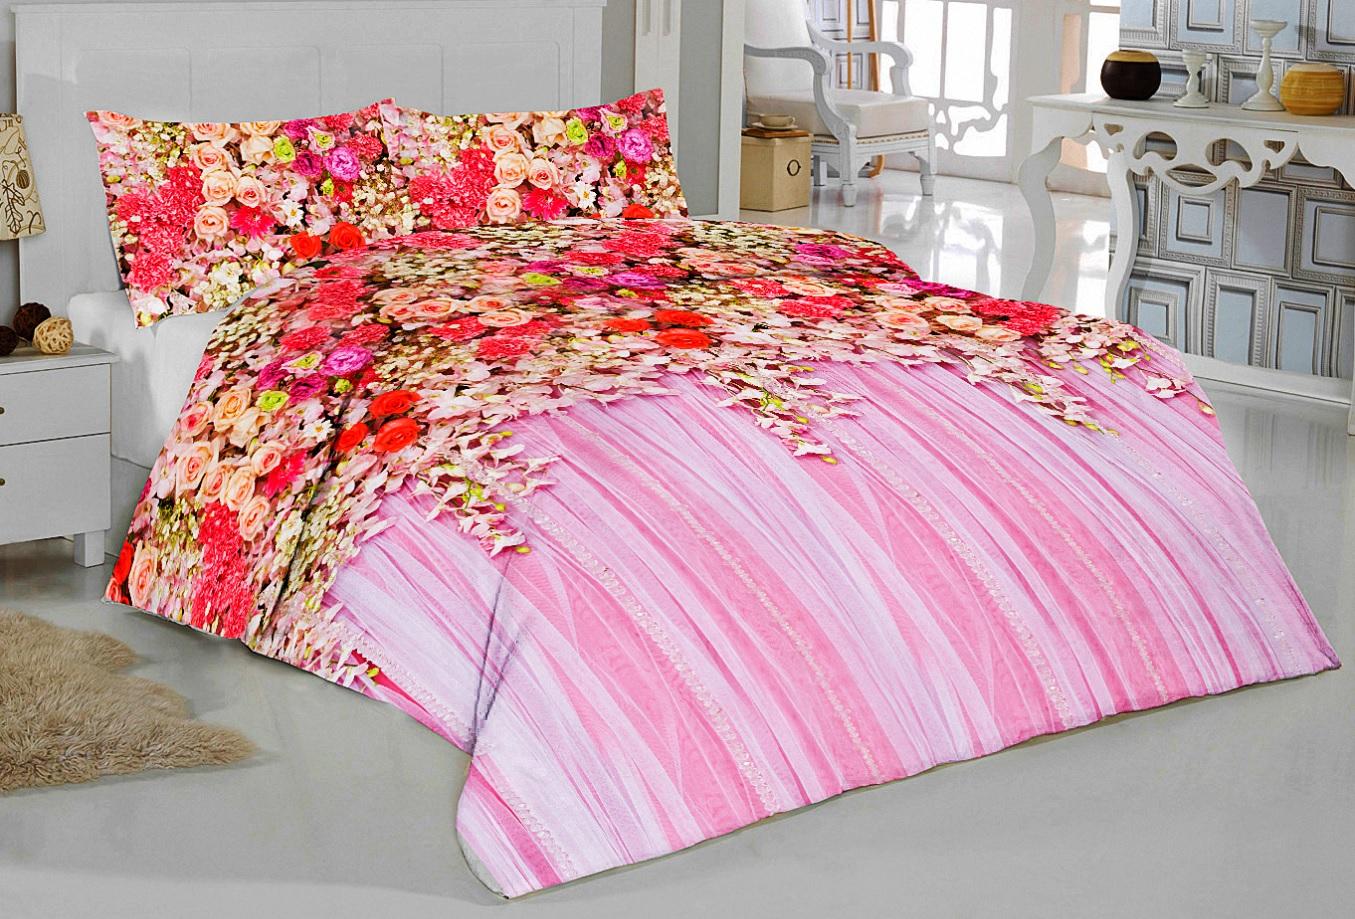 Постельное белье Elegante Постельное белье Дивный Сад (2 сп. евро) постельное белье мартекс постельное белье микрофибра 3d евро вишневый сад